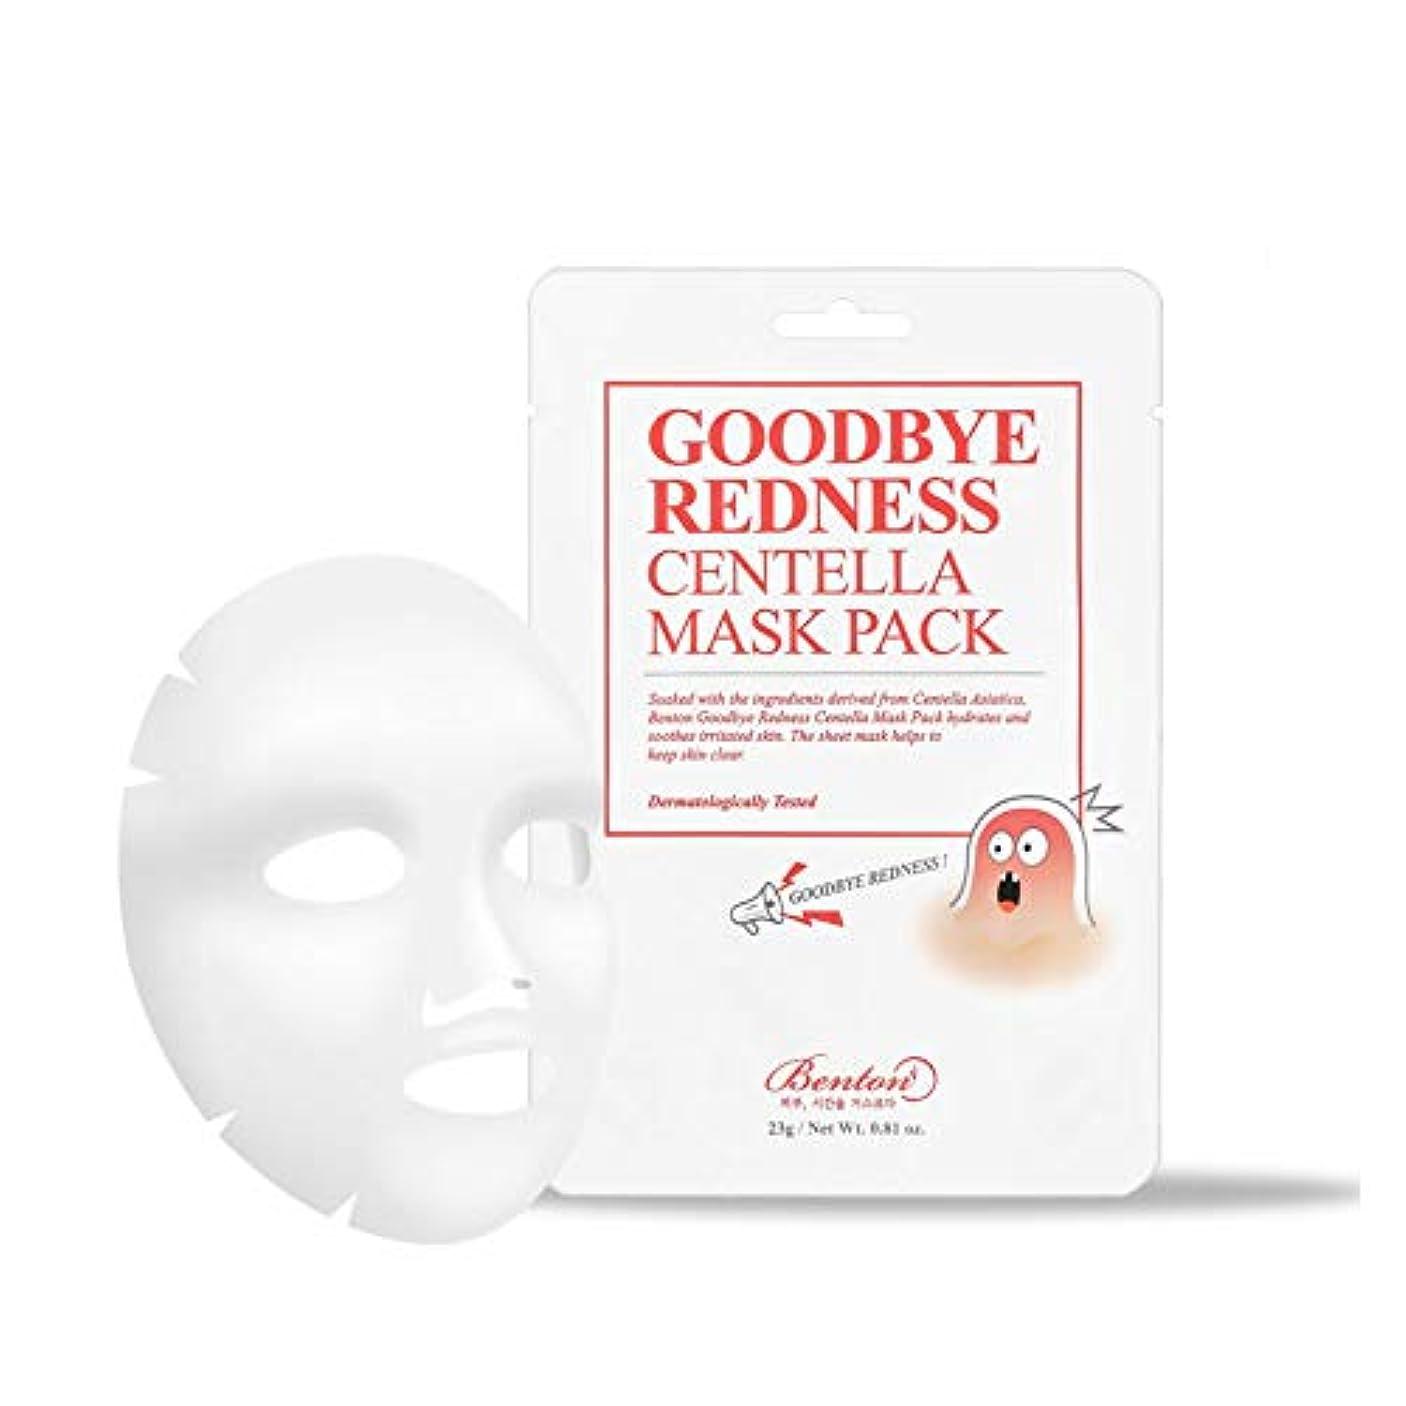 チャート抑圧するびっくりしたBENTON ベントン Goodbye Redness Centella Mask Pack Sheet 10 EA グッバイレッドネスセンテラマスクパック 10個 [並行輸入品]